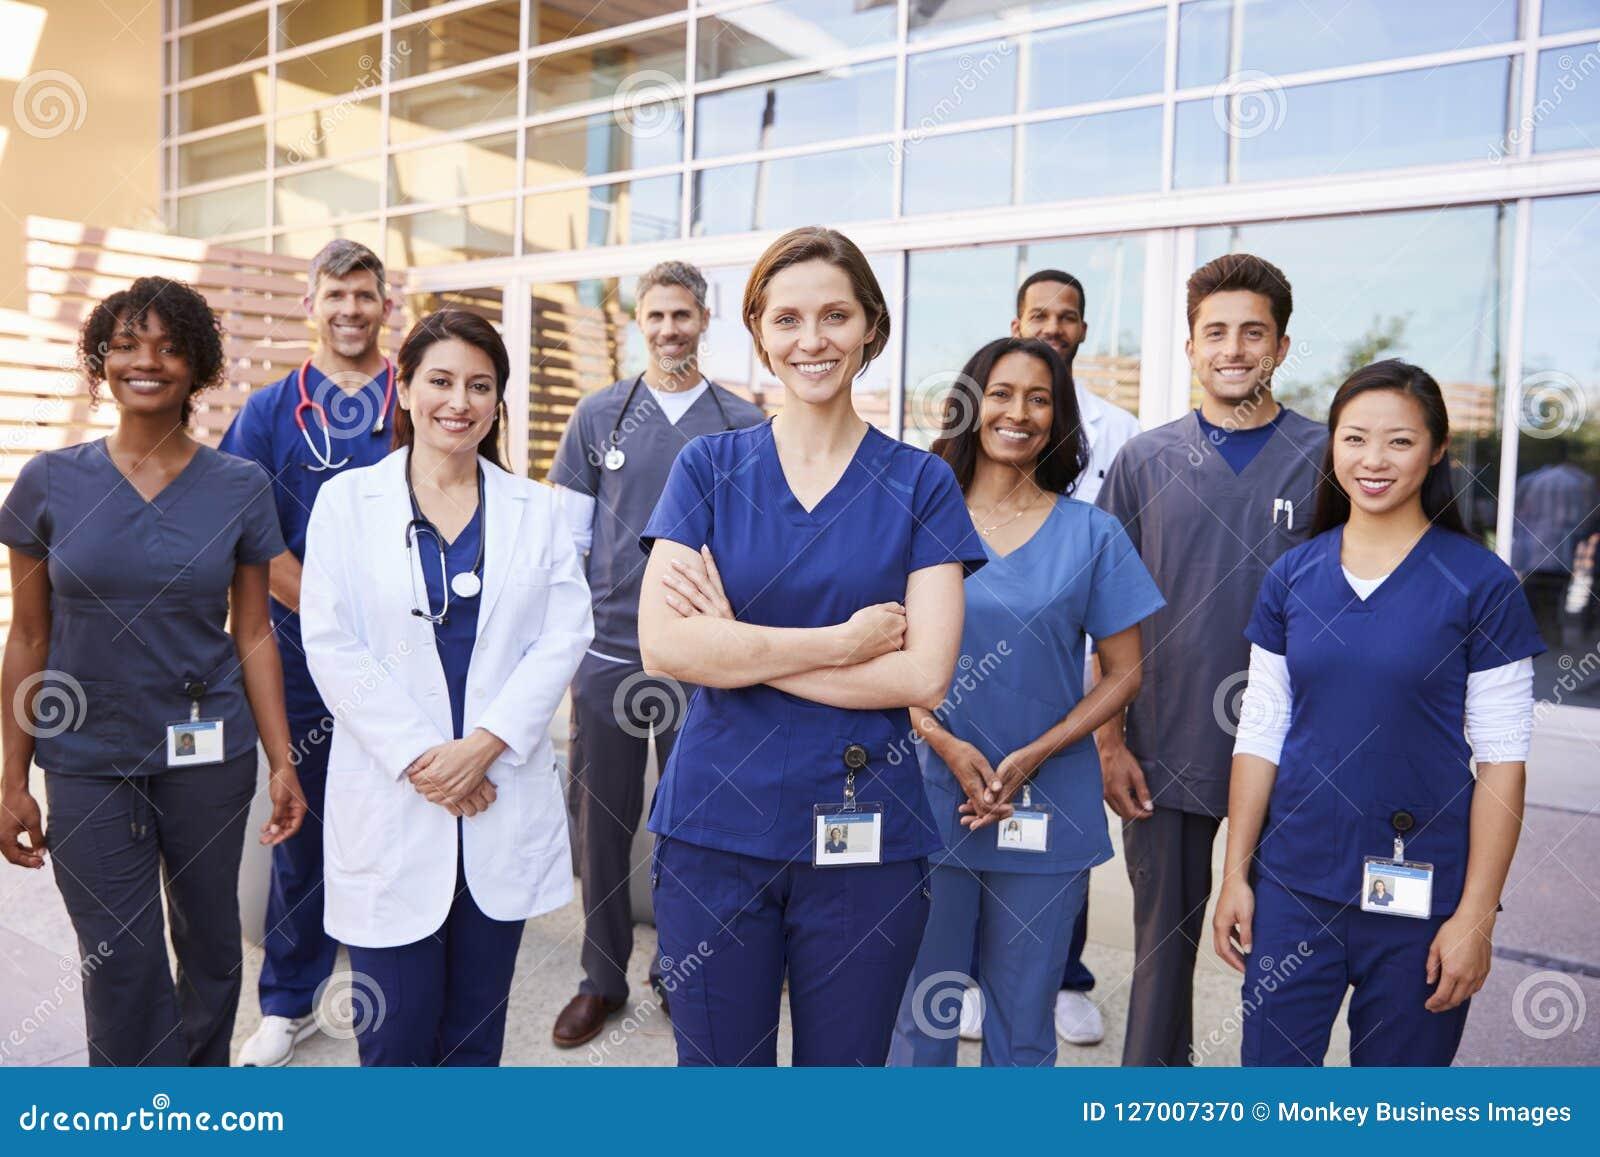 El equipo de trabajadores de la atención sanitaria con la identificación badges fuera de hospital